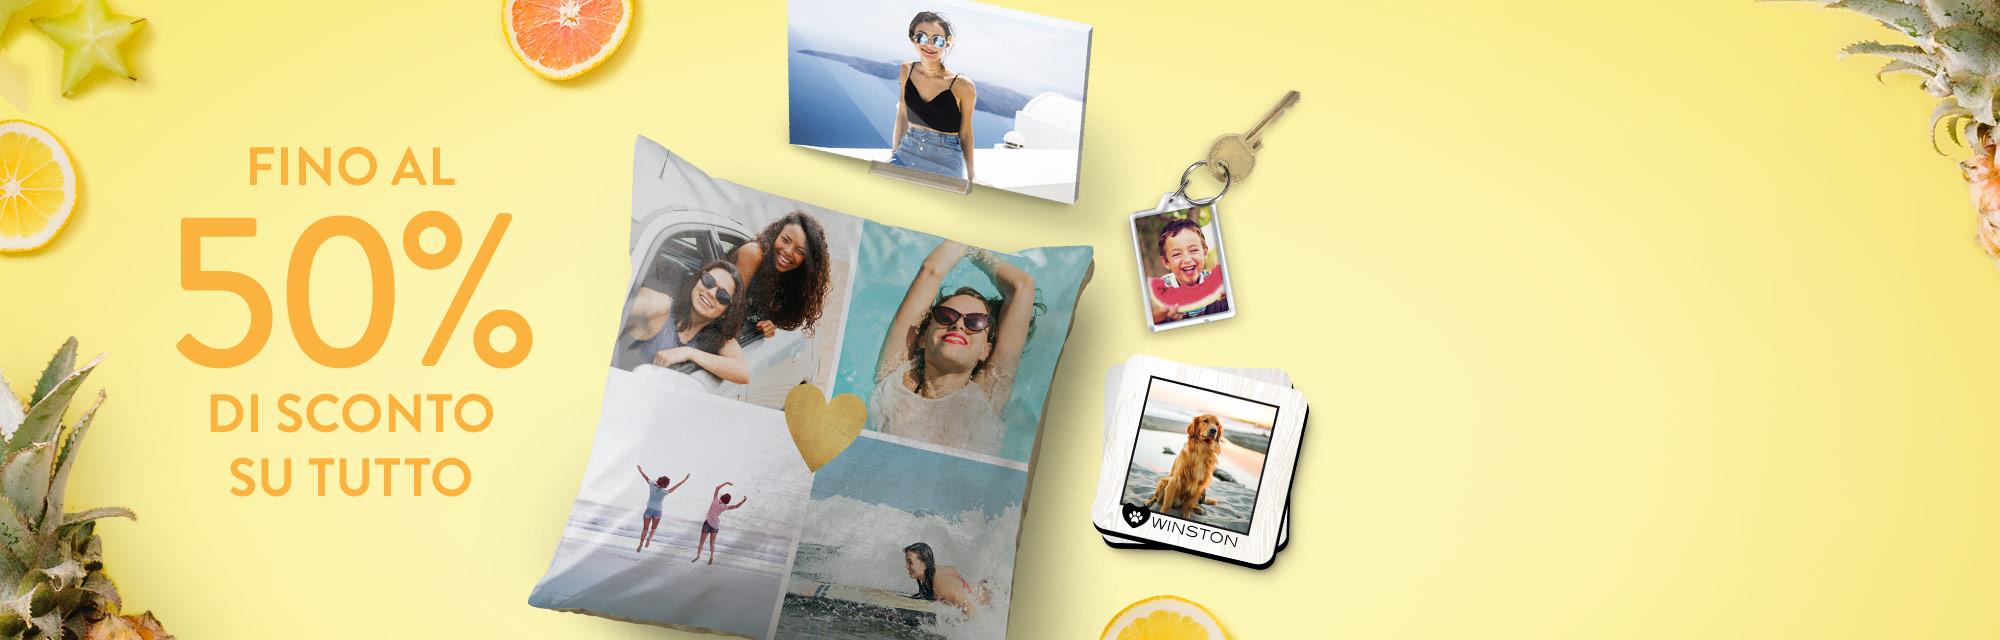 13fa62a084 Stampa foto online, Fotolibri, poster, calendari e molto di più su ...